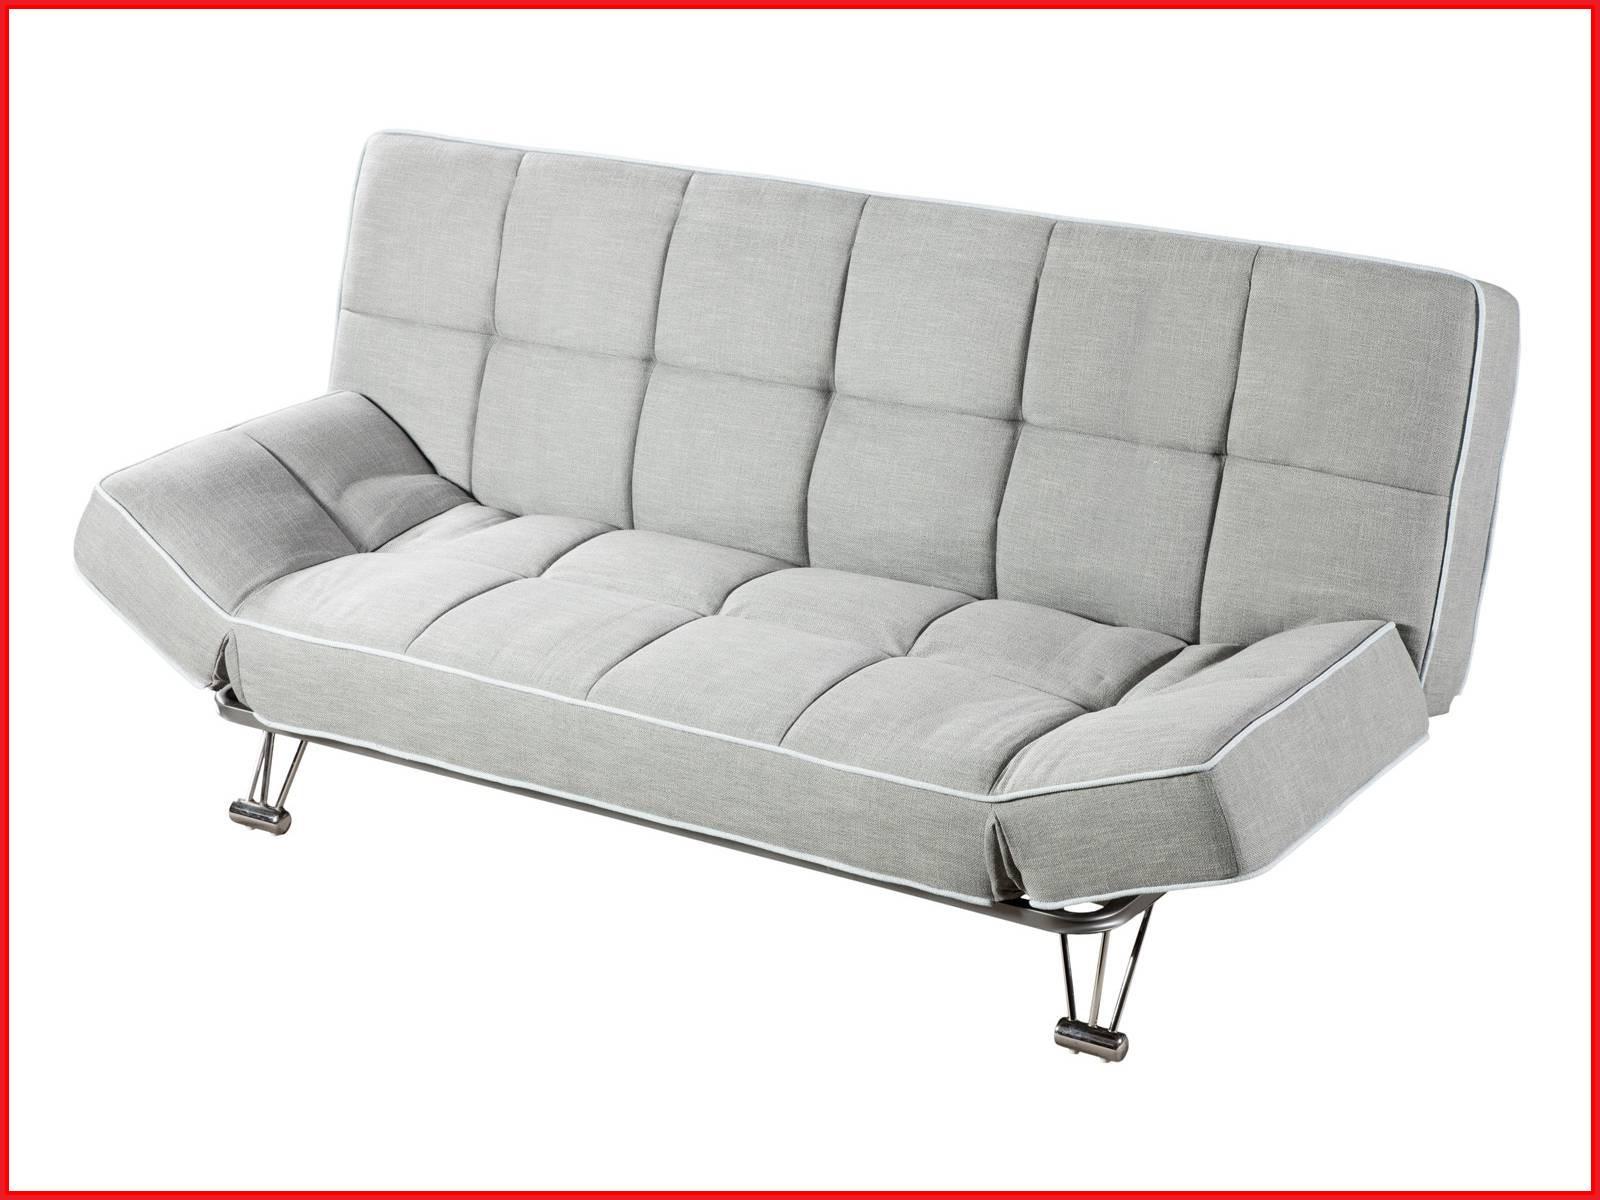 Sofa Cama De Diseño Qwdq sofas Cama Diseà O Ertas sofas Cama sofà Cama Reclinable Con